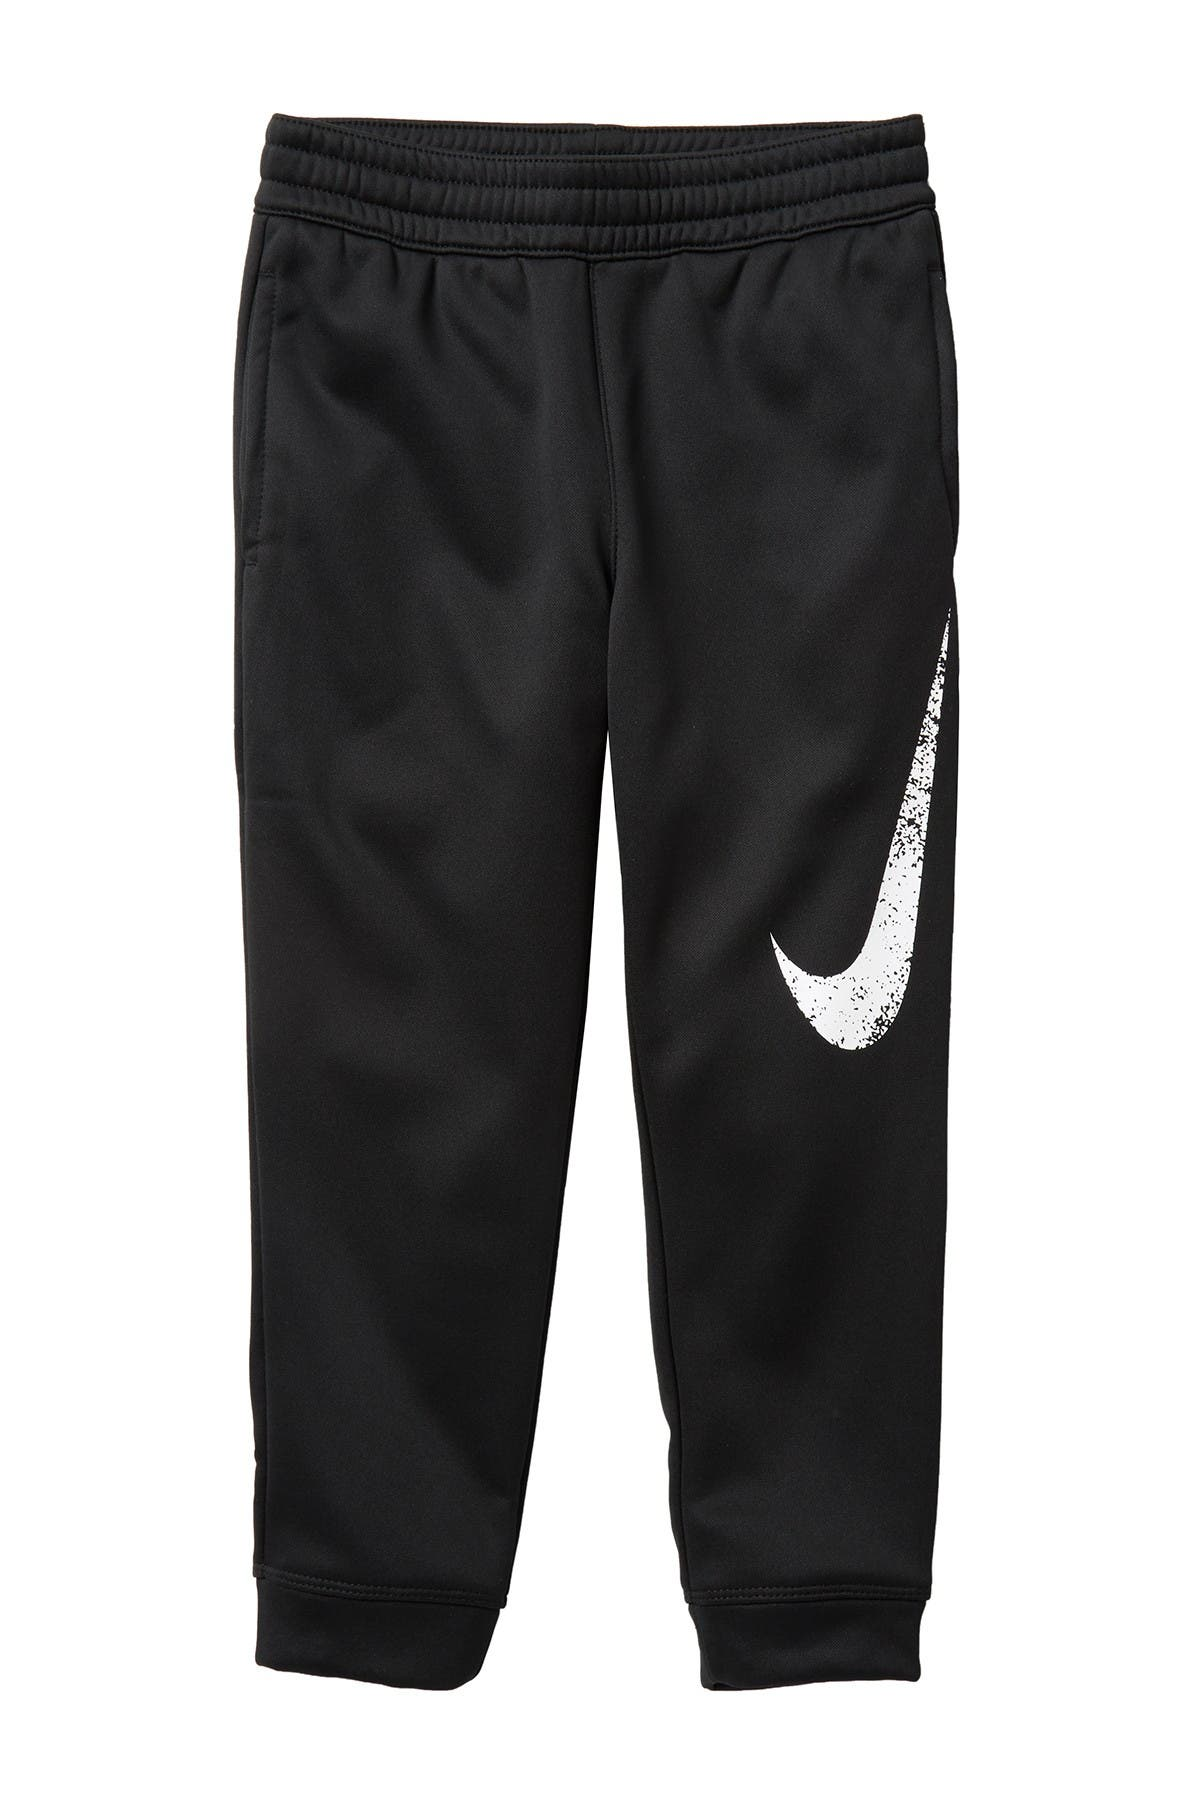 Image of Nike Therma Basketball Pants